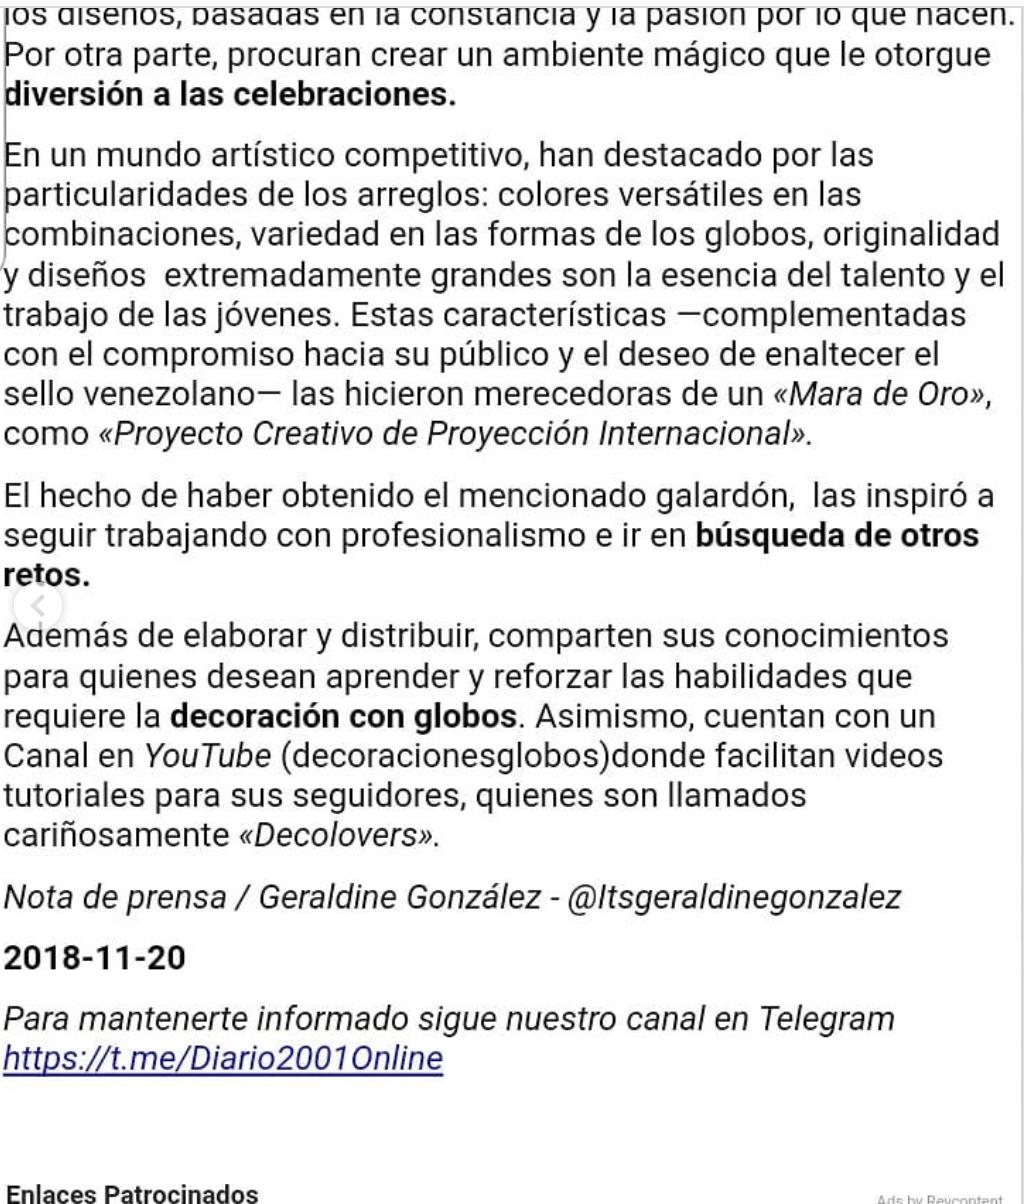 Jóvenes venezolanas crean propuestas innovadoras con decoraciones con globos - 1 Diario 2001 - https://www.instagram.com/p/Bqvynh7H36p/ Diario 2001 Noviembre 28, 2018